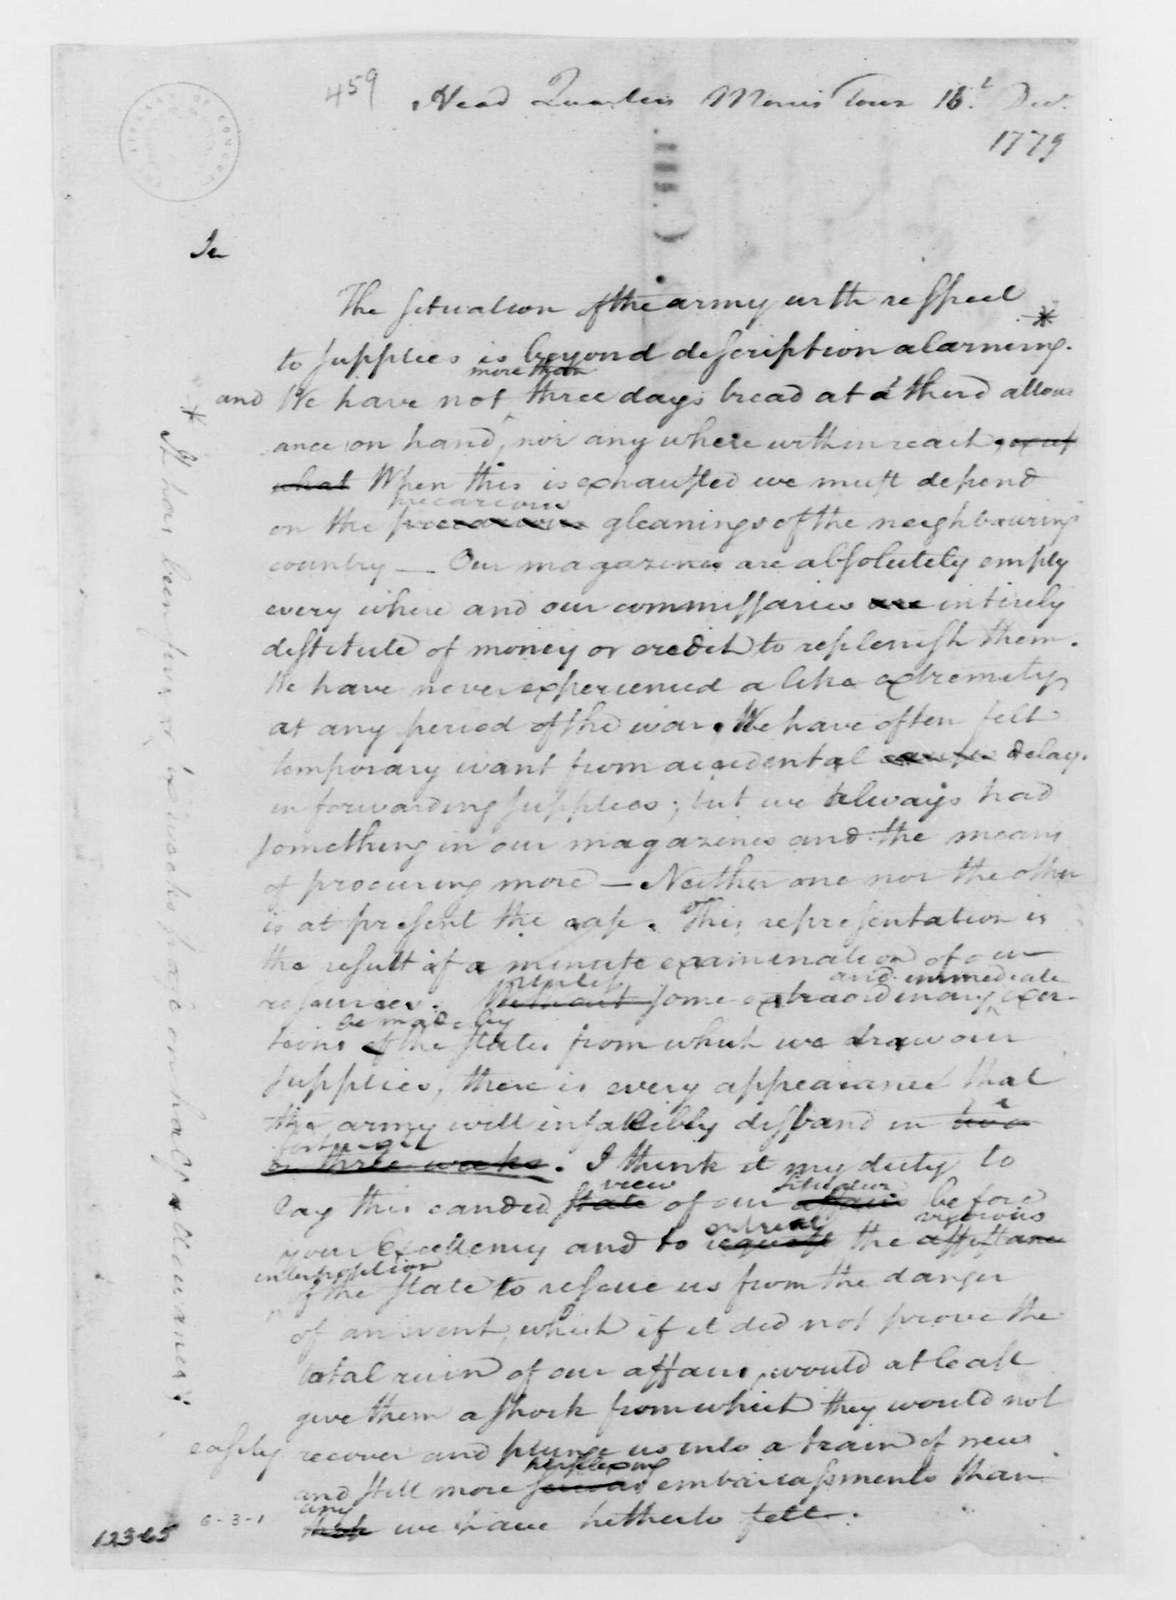 George Washington Papers, Series 4, General Correspondence: George Washington, December 16, 1779, Circular to States Regarding Supplies